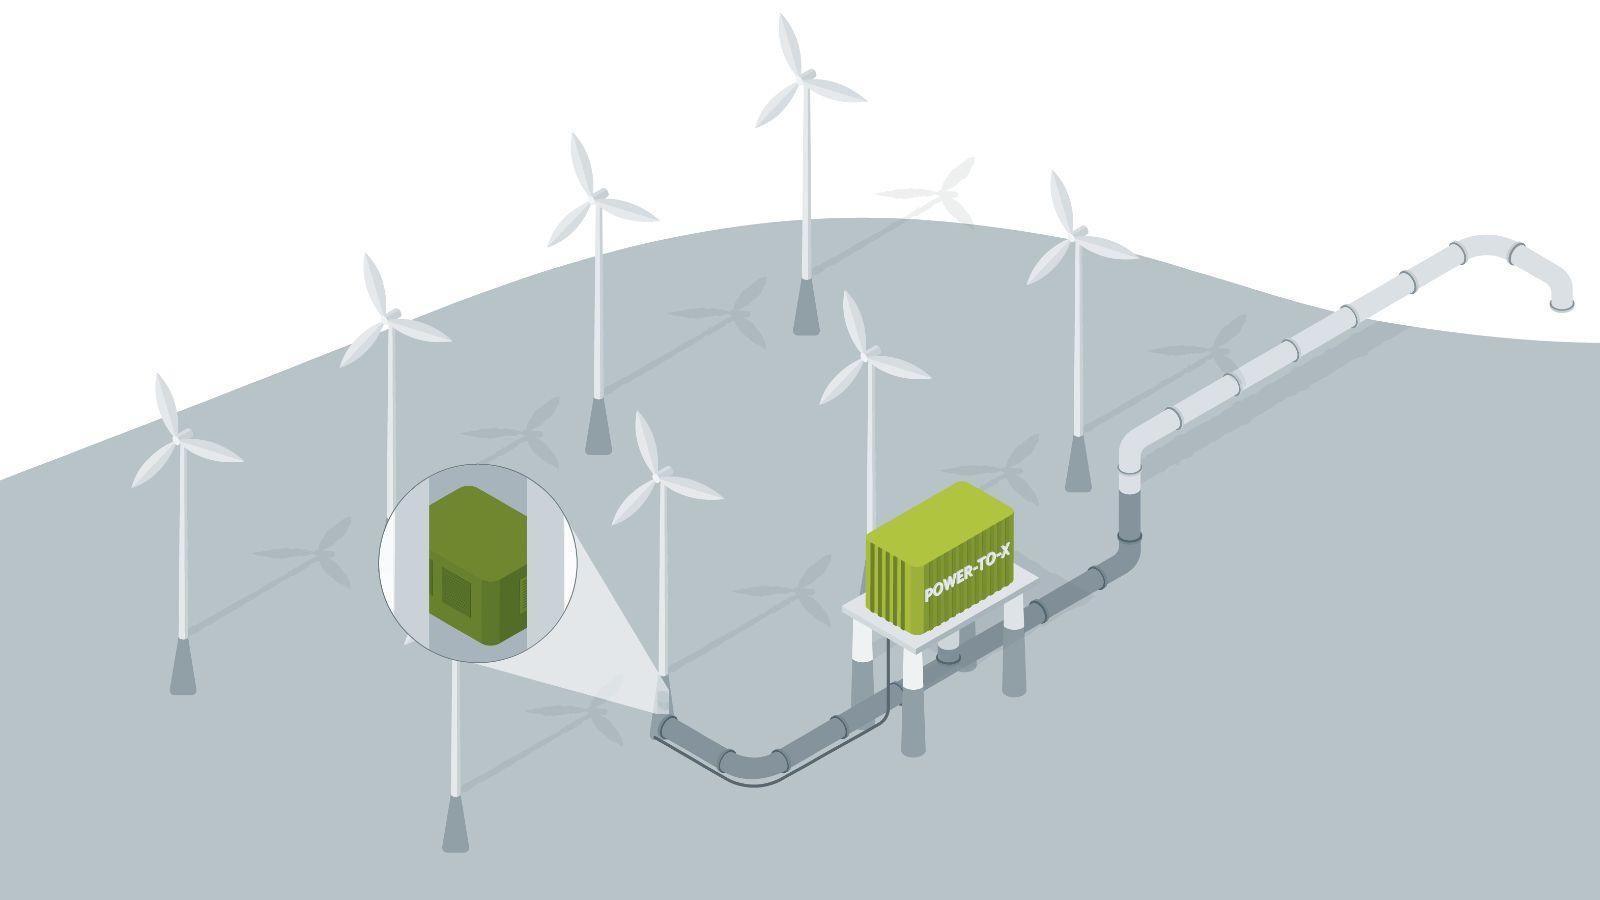 Das Bild zeigt ein Windrad, in dem ein Elektrolyseur Grünen Wasserstoff und Power-to-X-Produkte herstellt.